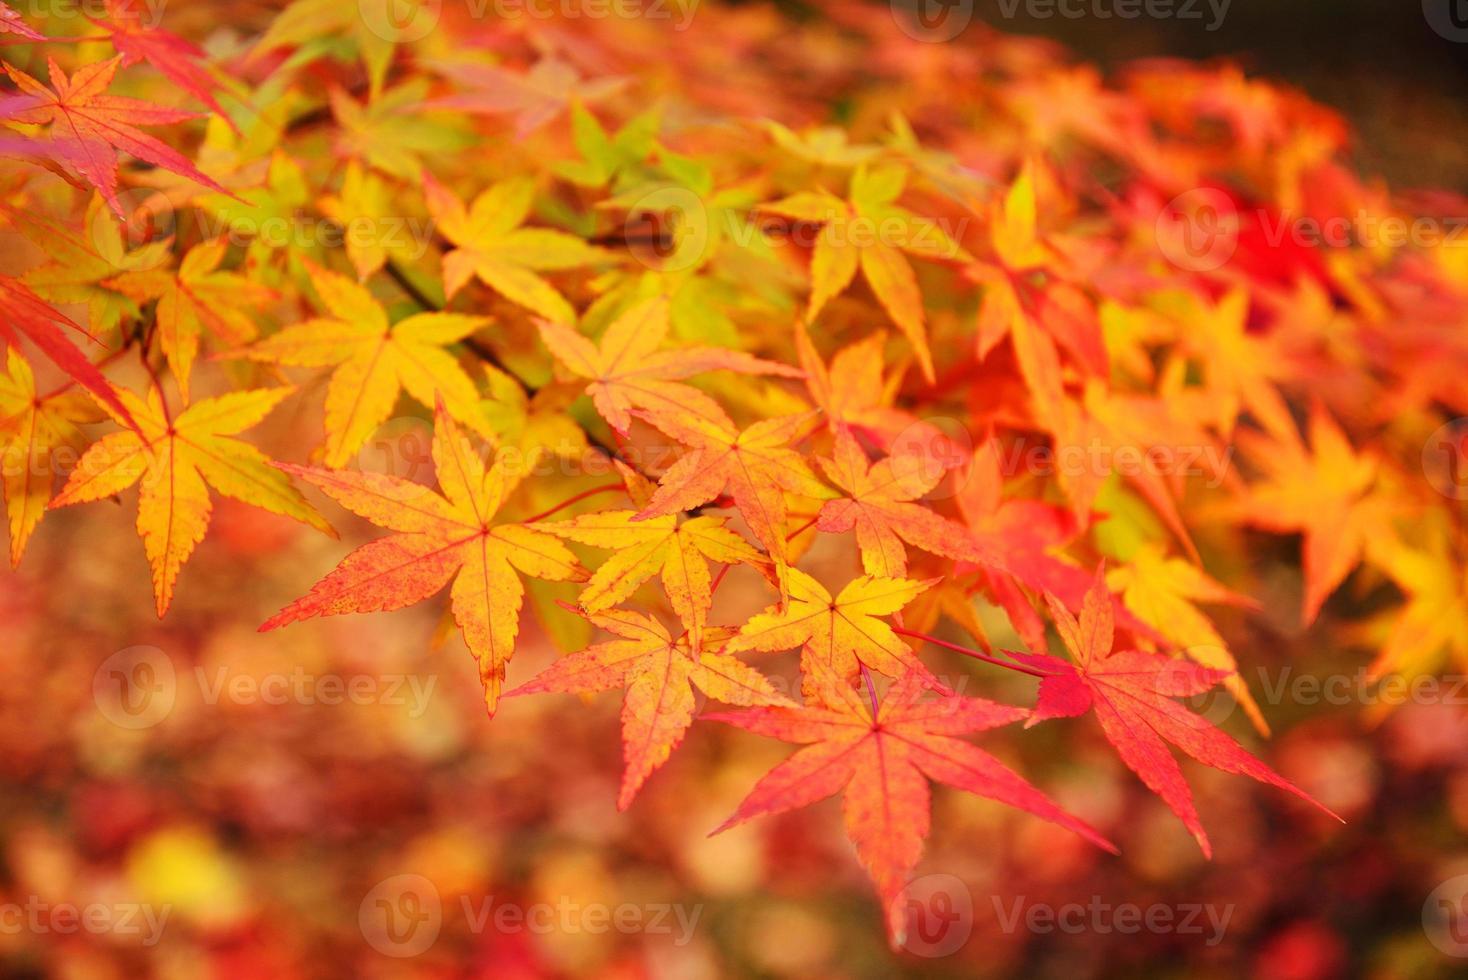 höstfärger i Japan / vackra höstlöv foto